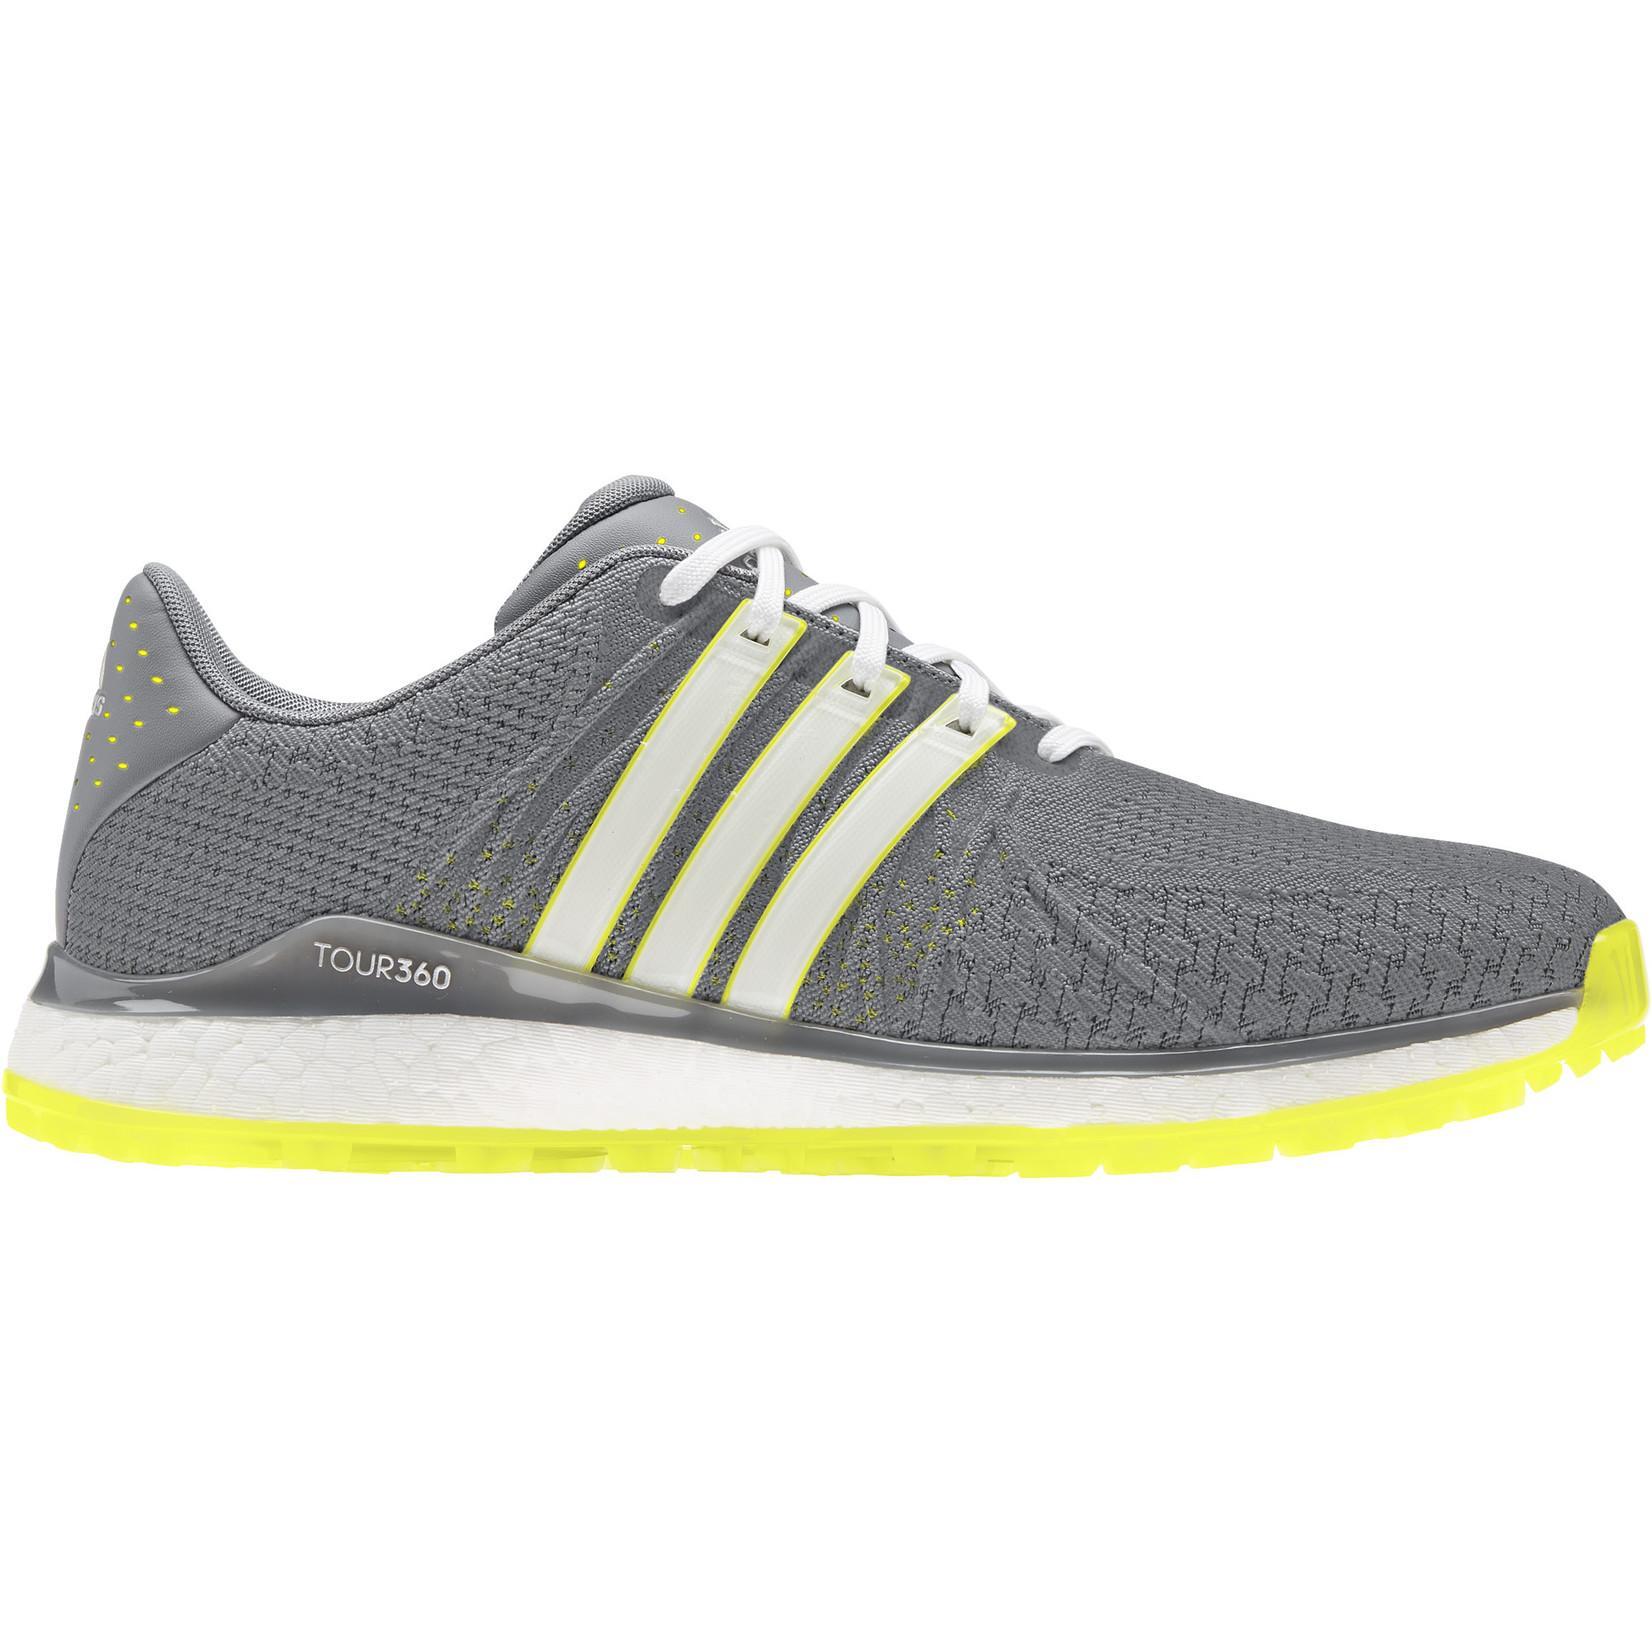 Adidas Adidas Tour360 XT-SL TEX grey/white/yellow